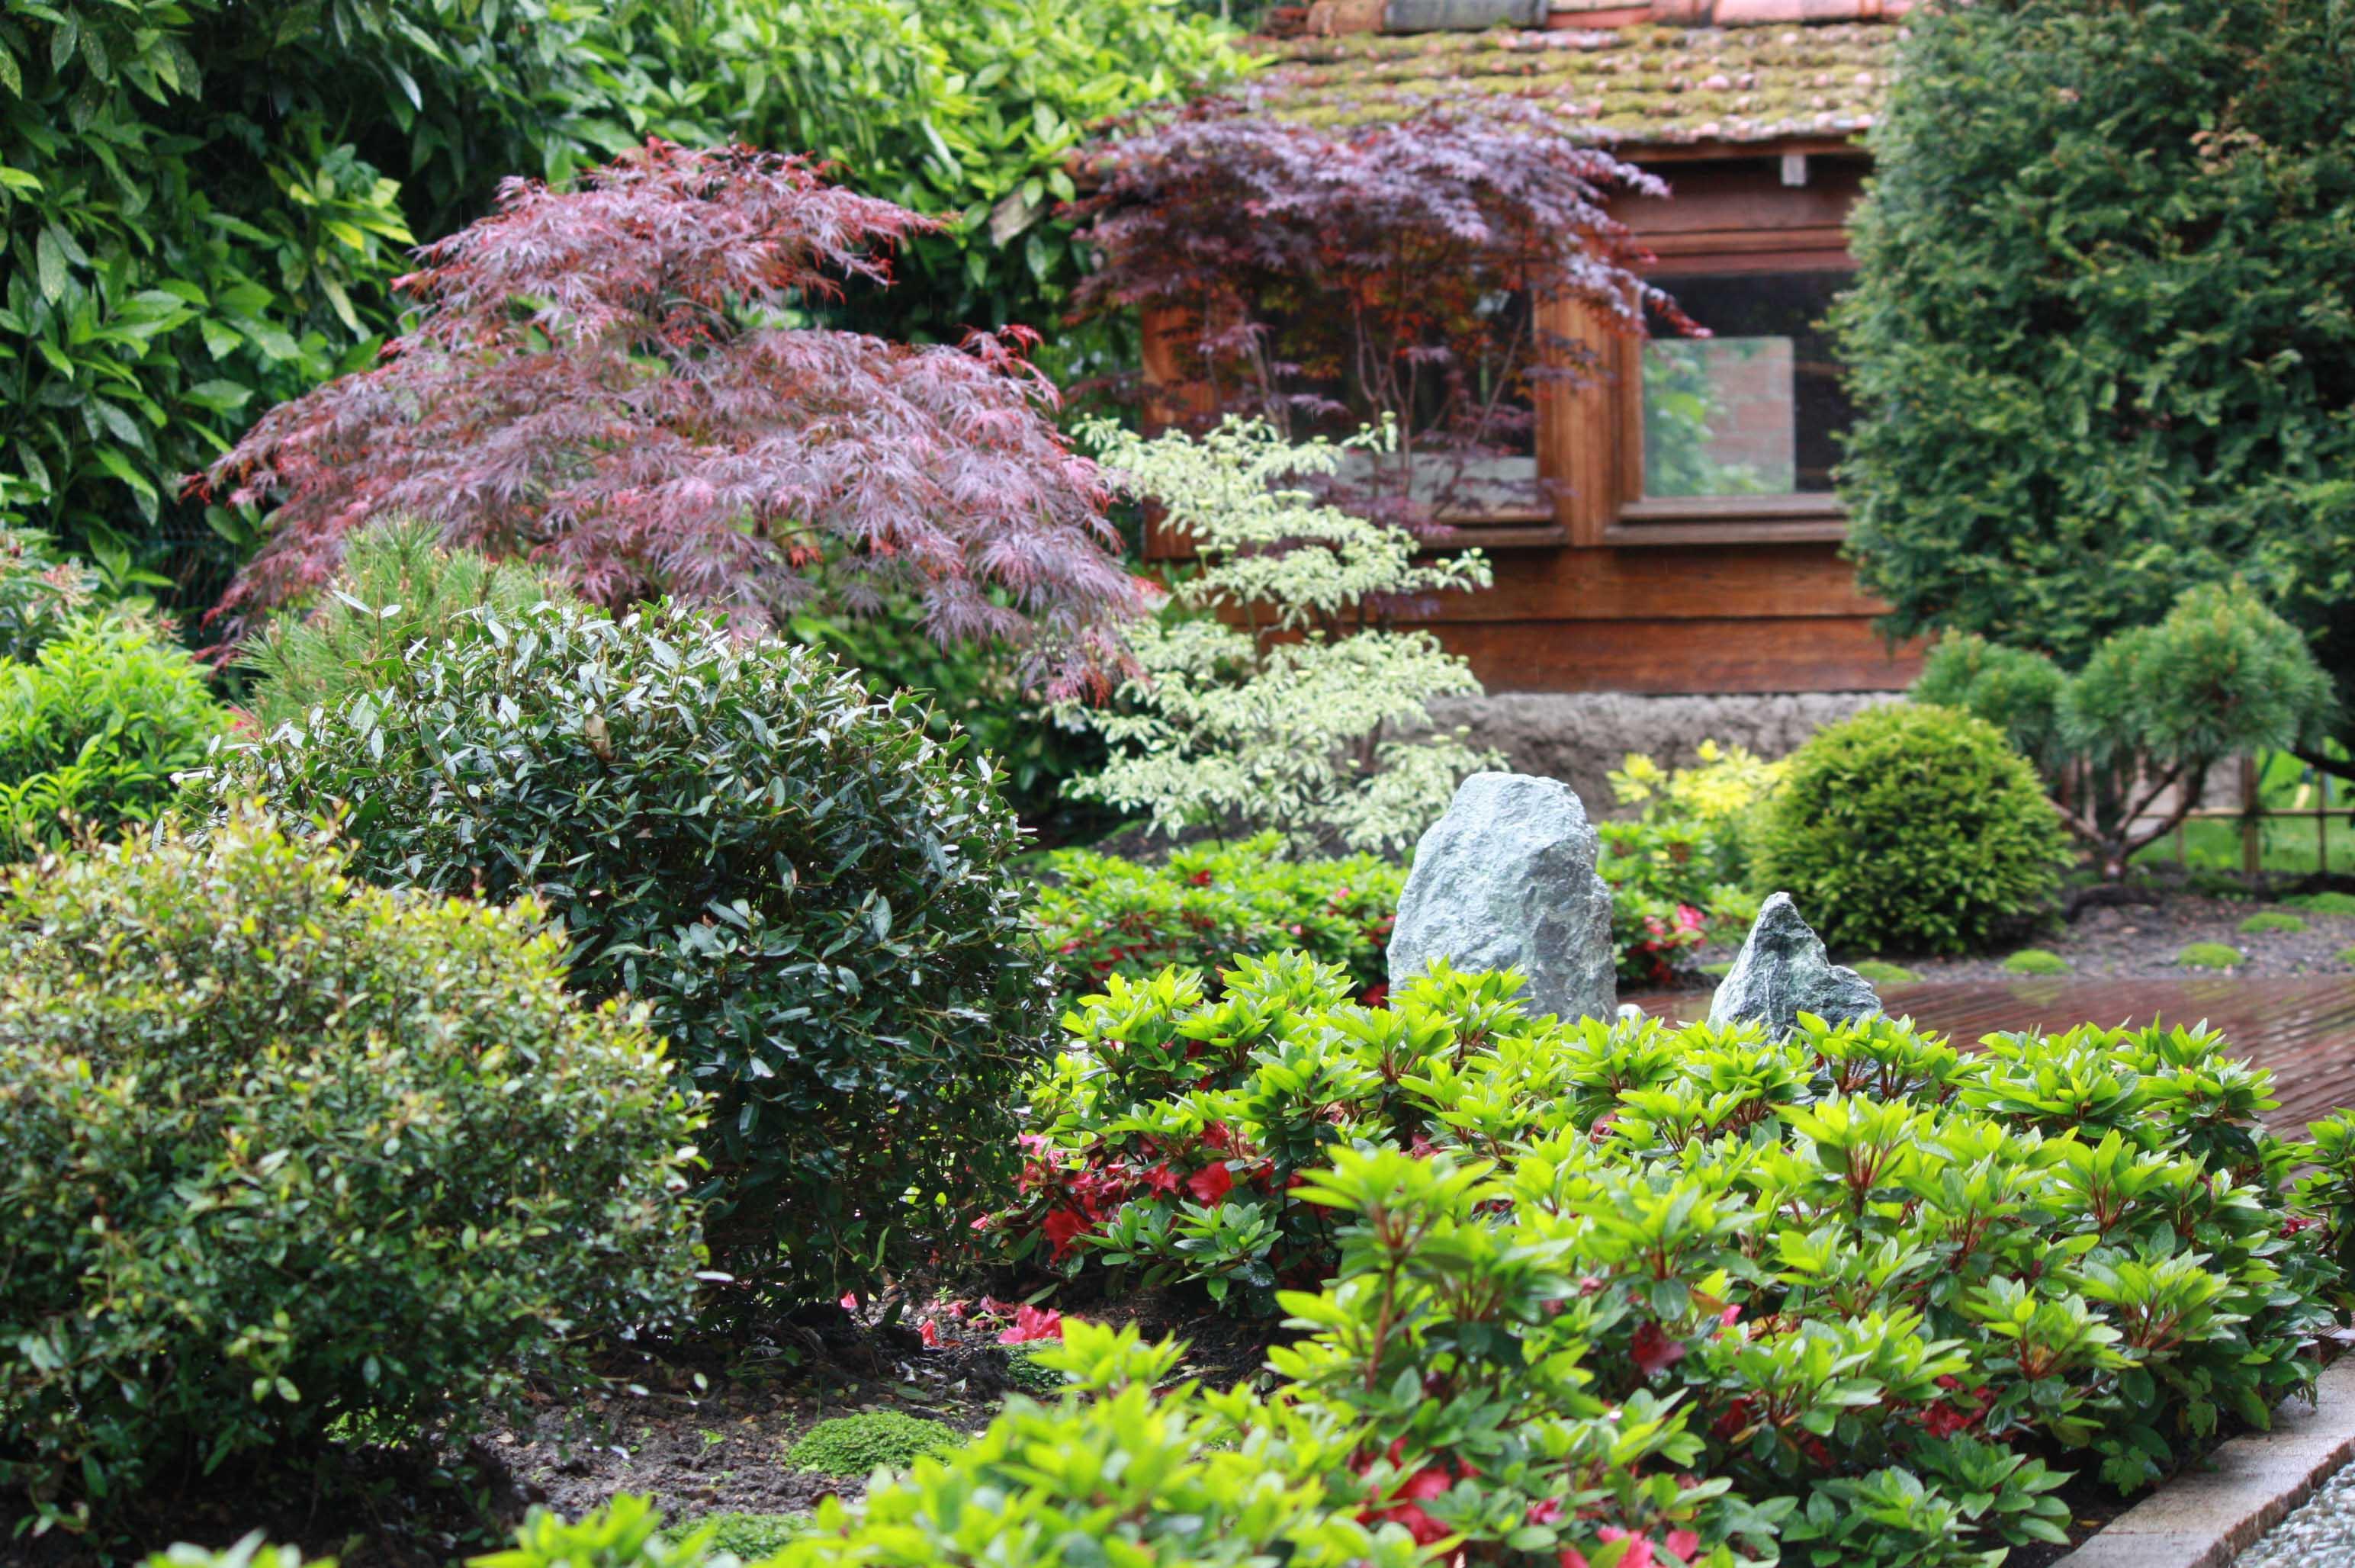 Jardin japonais rouge ambiance jardins du japon et d for Ambiance jardin paysagiste